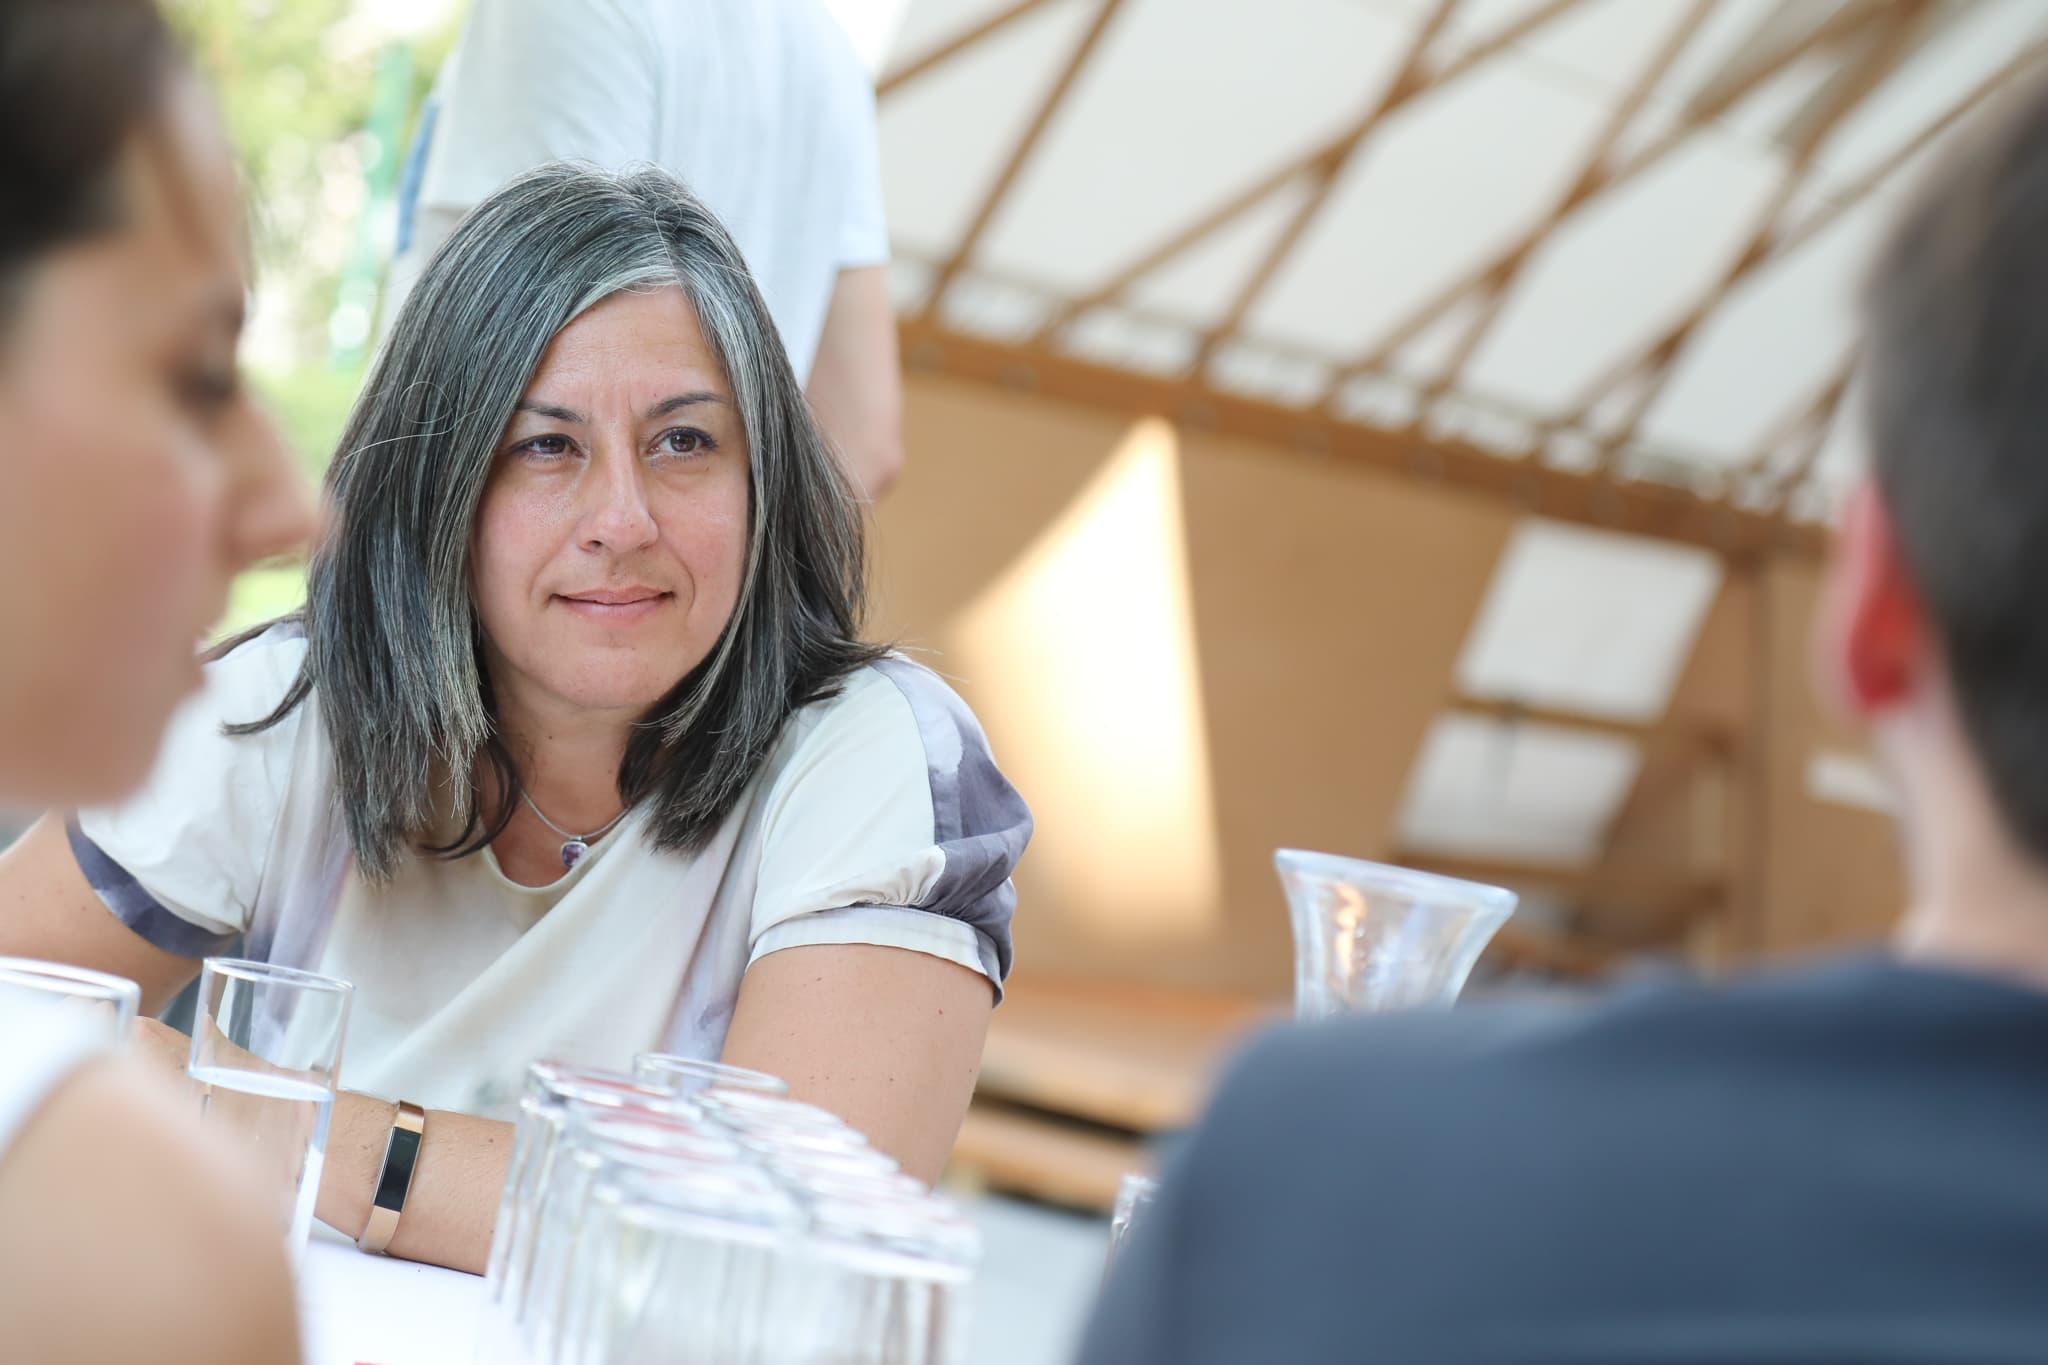 Maria Vassilakou bei einer öffentlichen Sprechstunde.